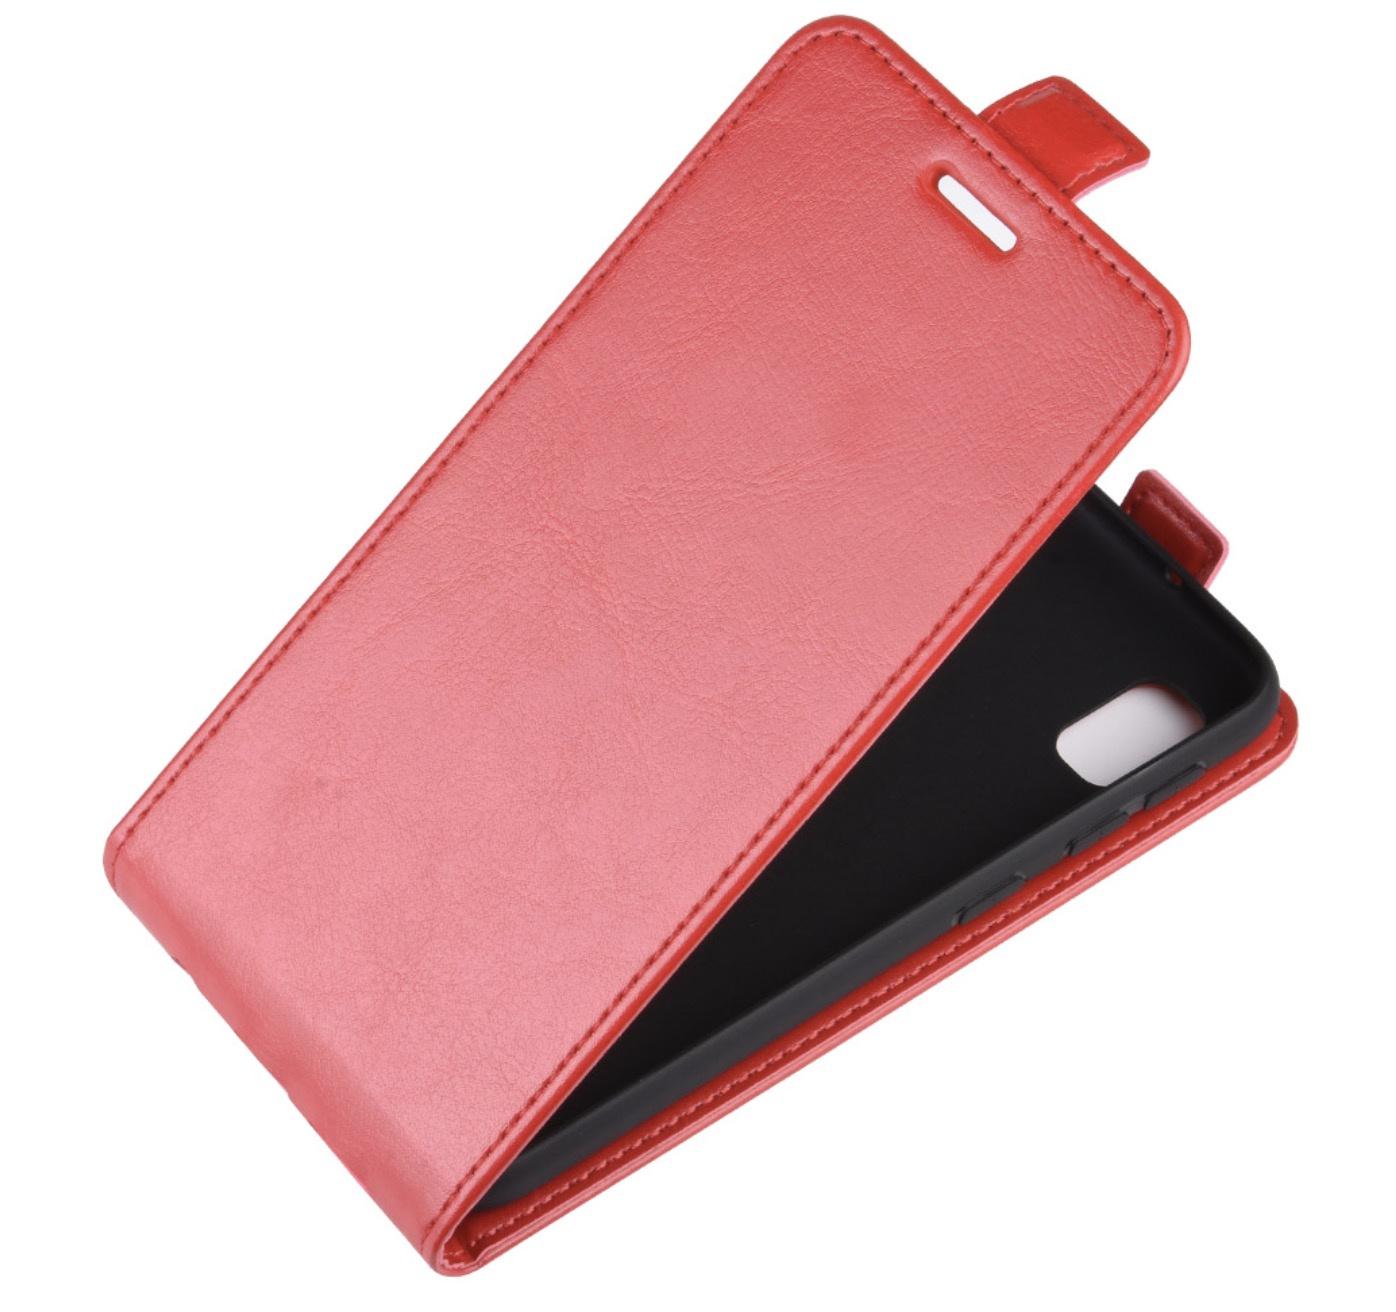 все цены на Чехол-флип MyPads для Nokia Lumia 920 вертикальный откидной розовый онлайн